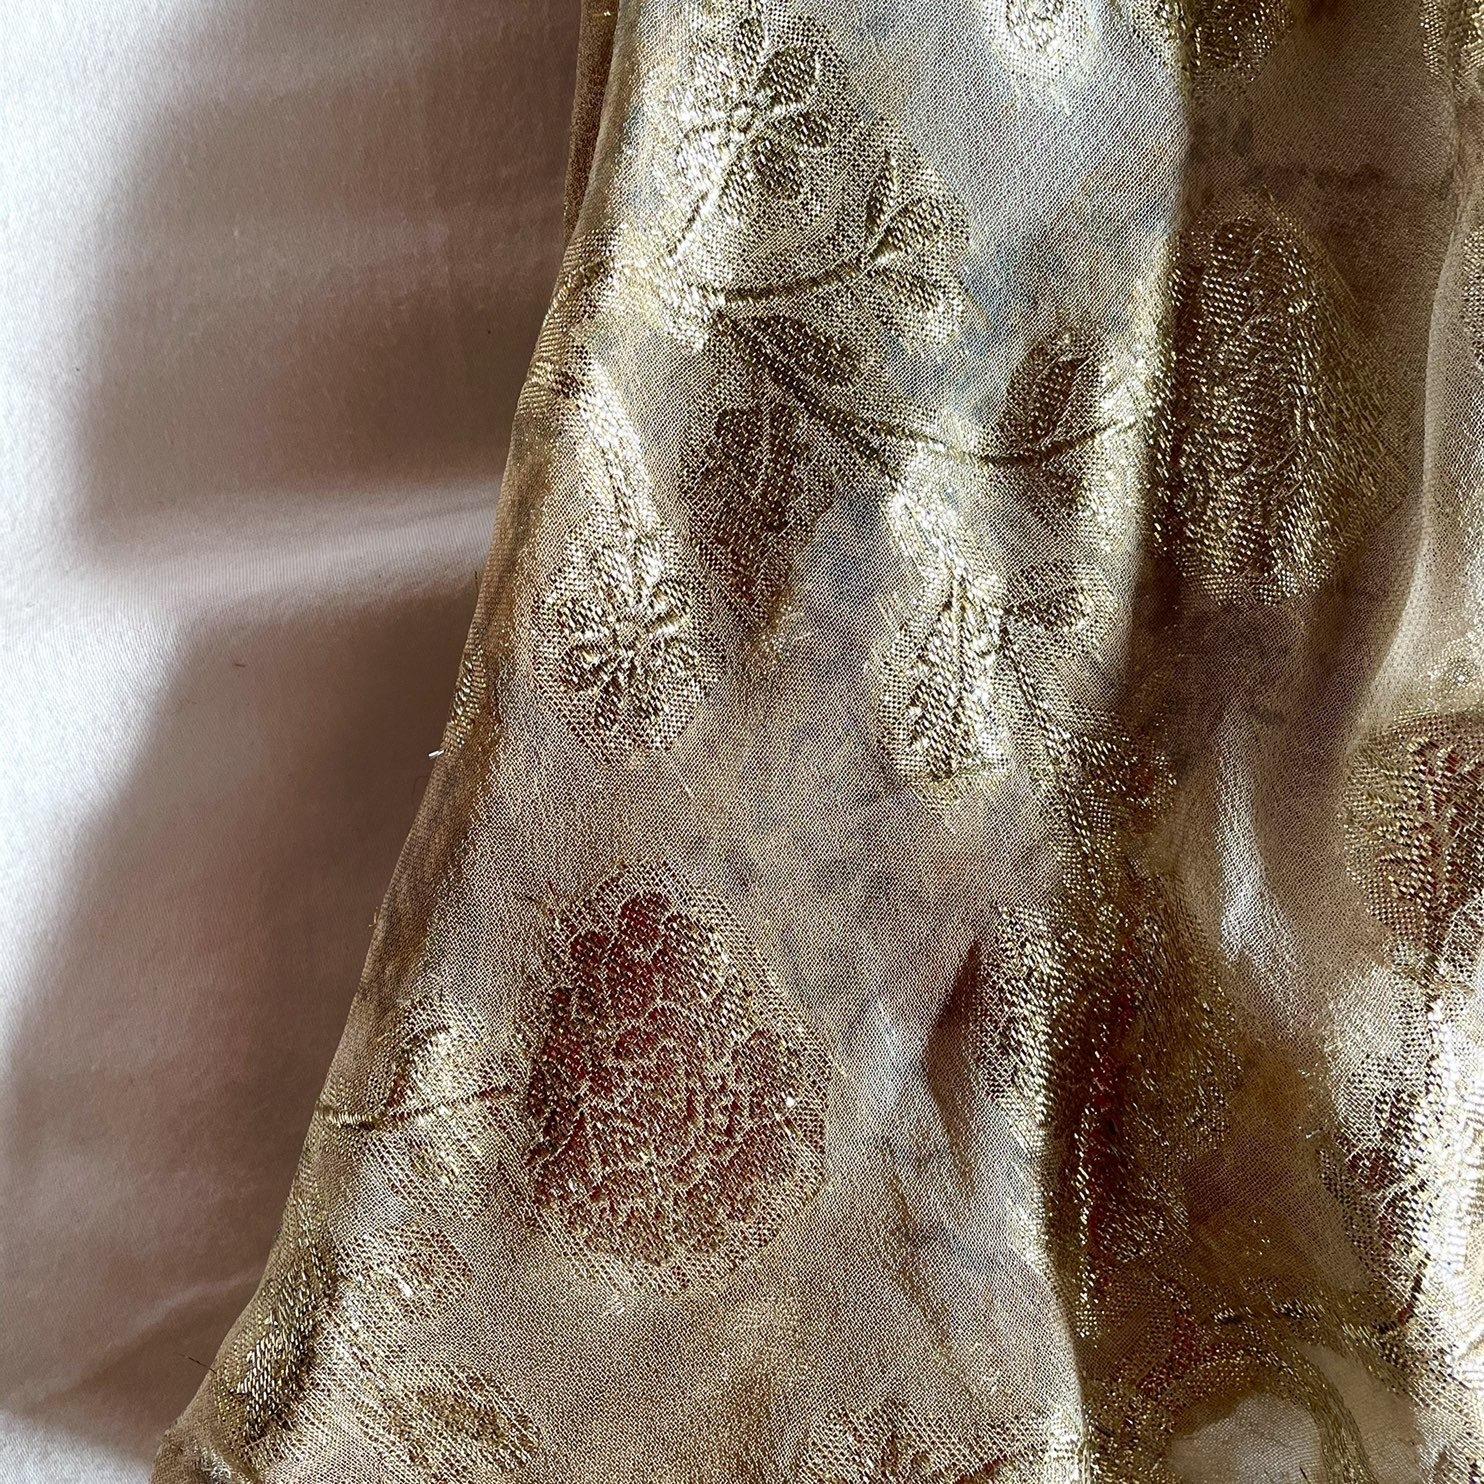 花柄ロングスカート、ゴールドの糸で刺繍された花柄の部分のアップ画像